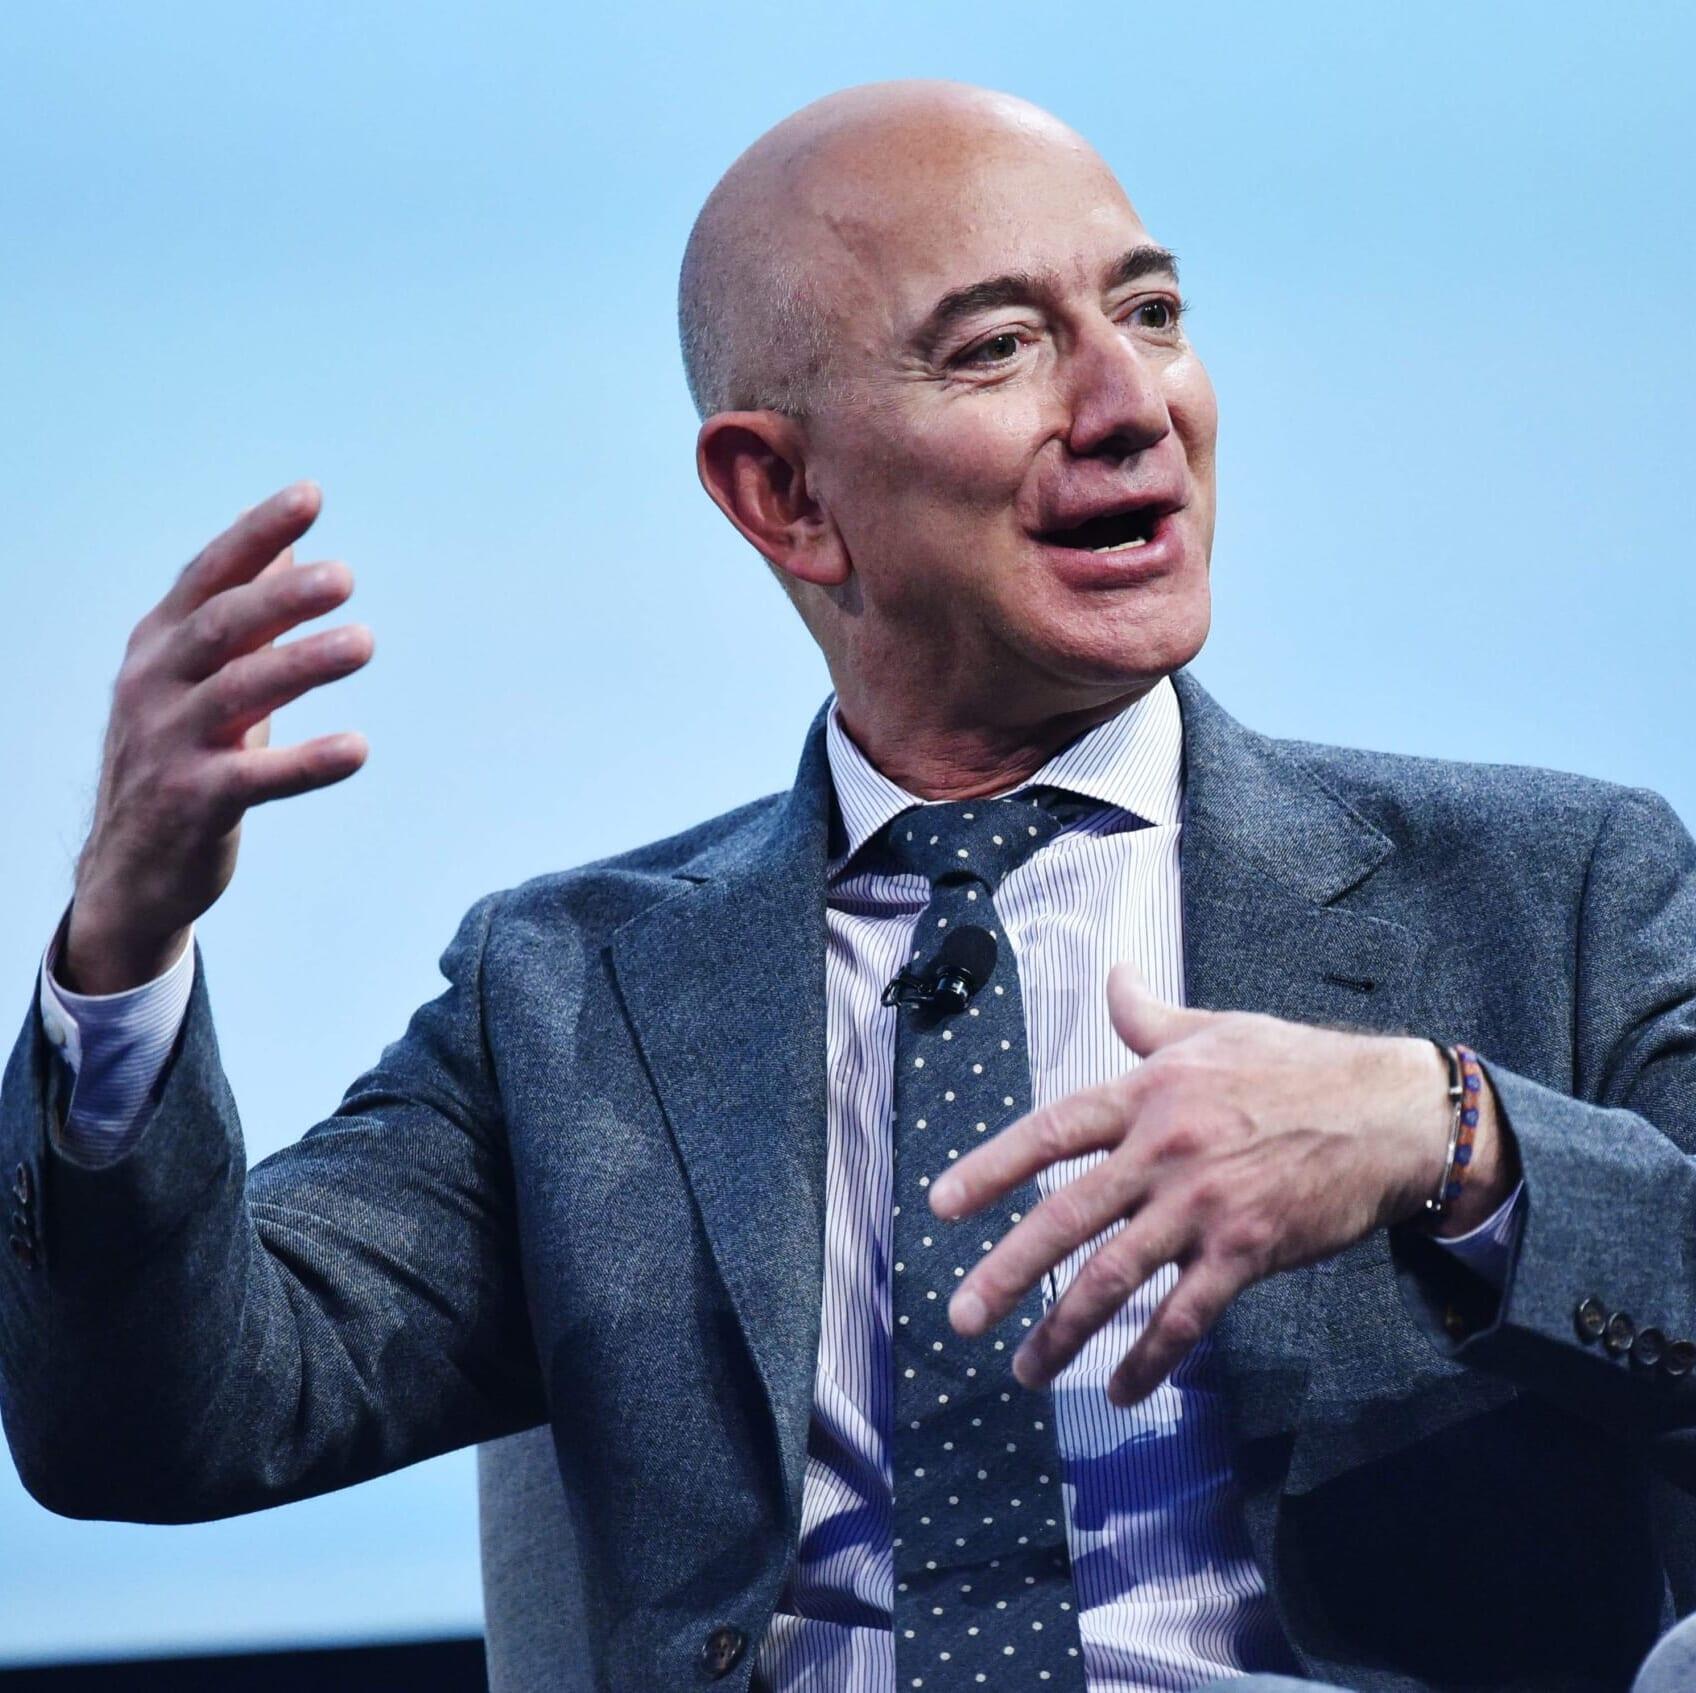 コロナ危機が加速した「資本主義の理想」は「株主と経営者以外は無用」